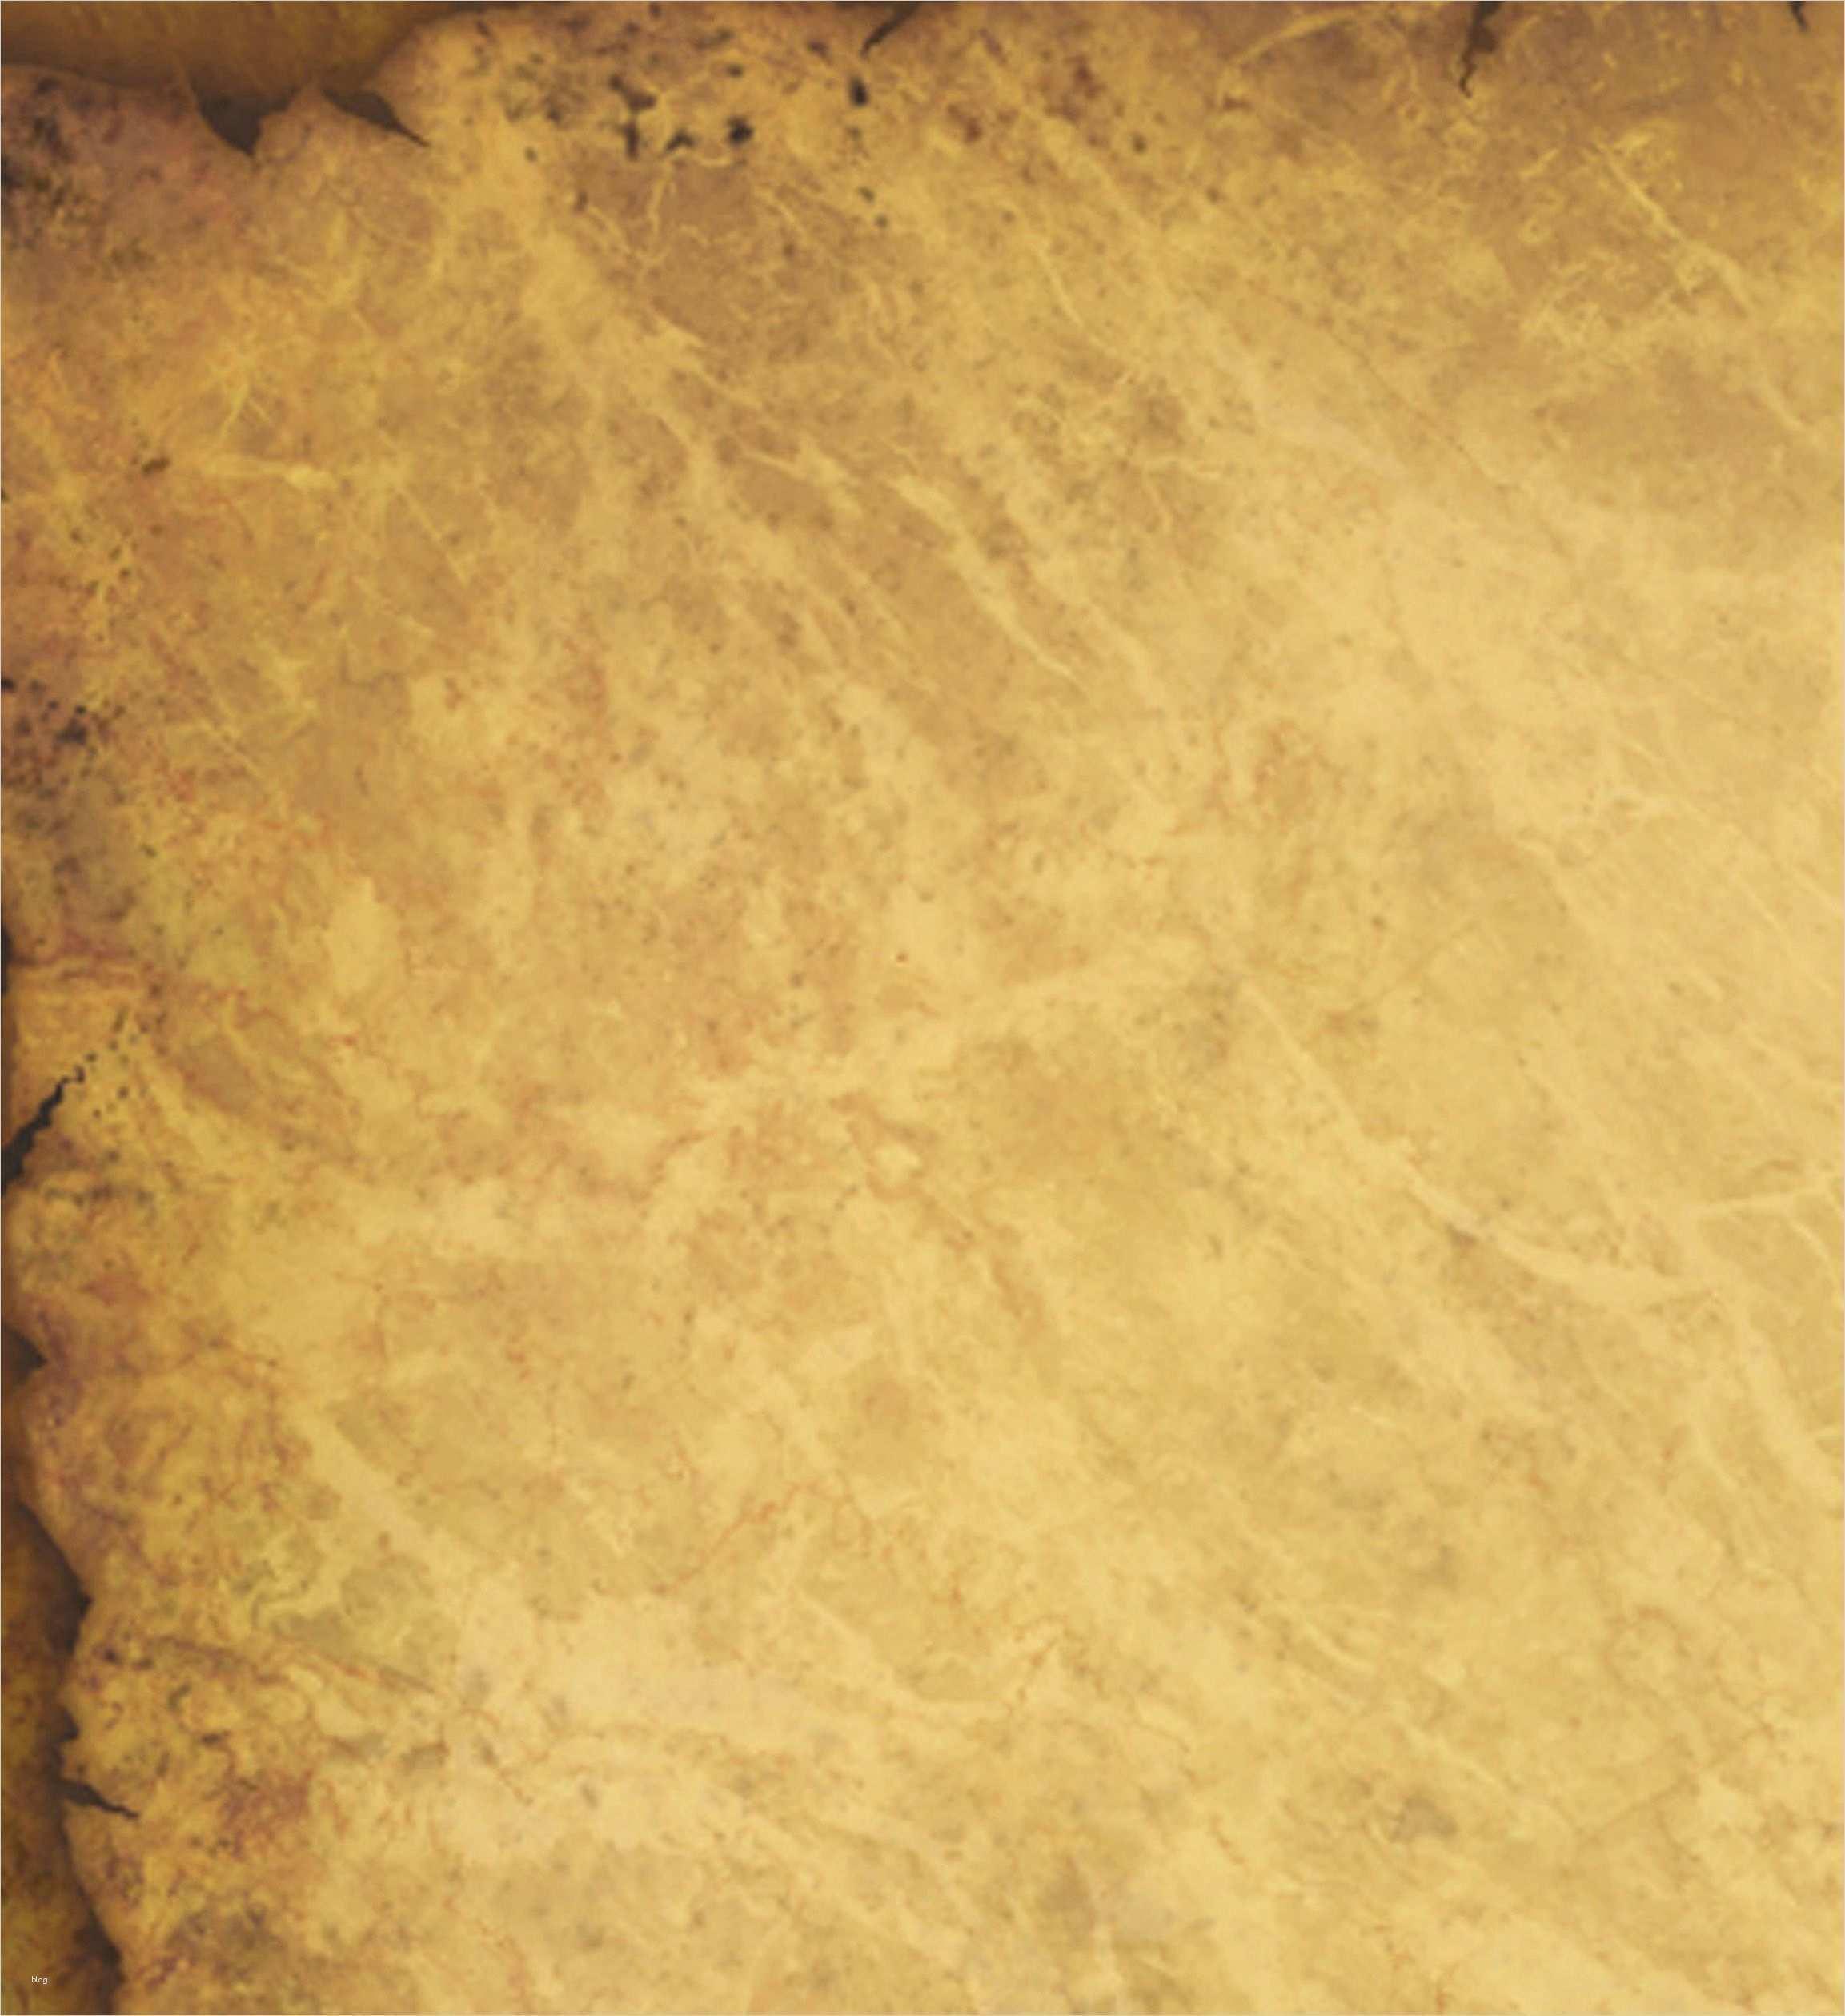 Schatzkarte Vorlage Word Elegant Altes Briefpapier Casanova 1000 Verwandt Mit Vorlage Altes Papier Aausmalbilder Club Altes Papier Schatzkarte Briefpapier